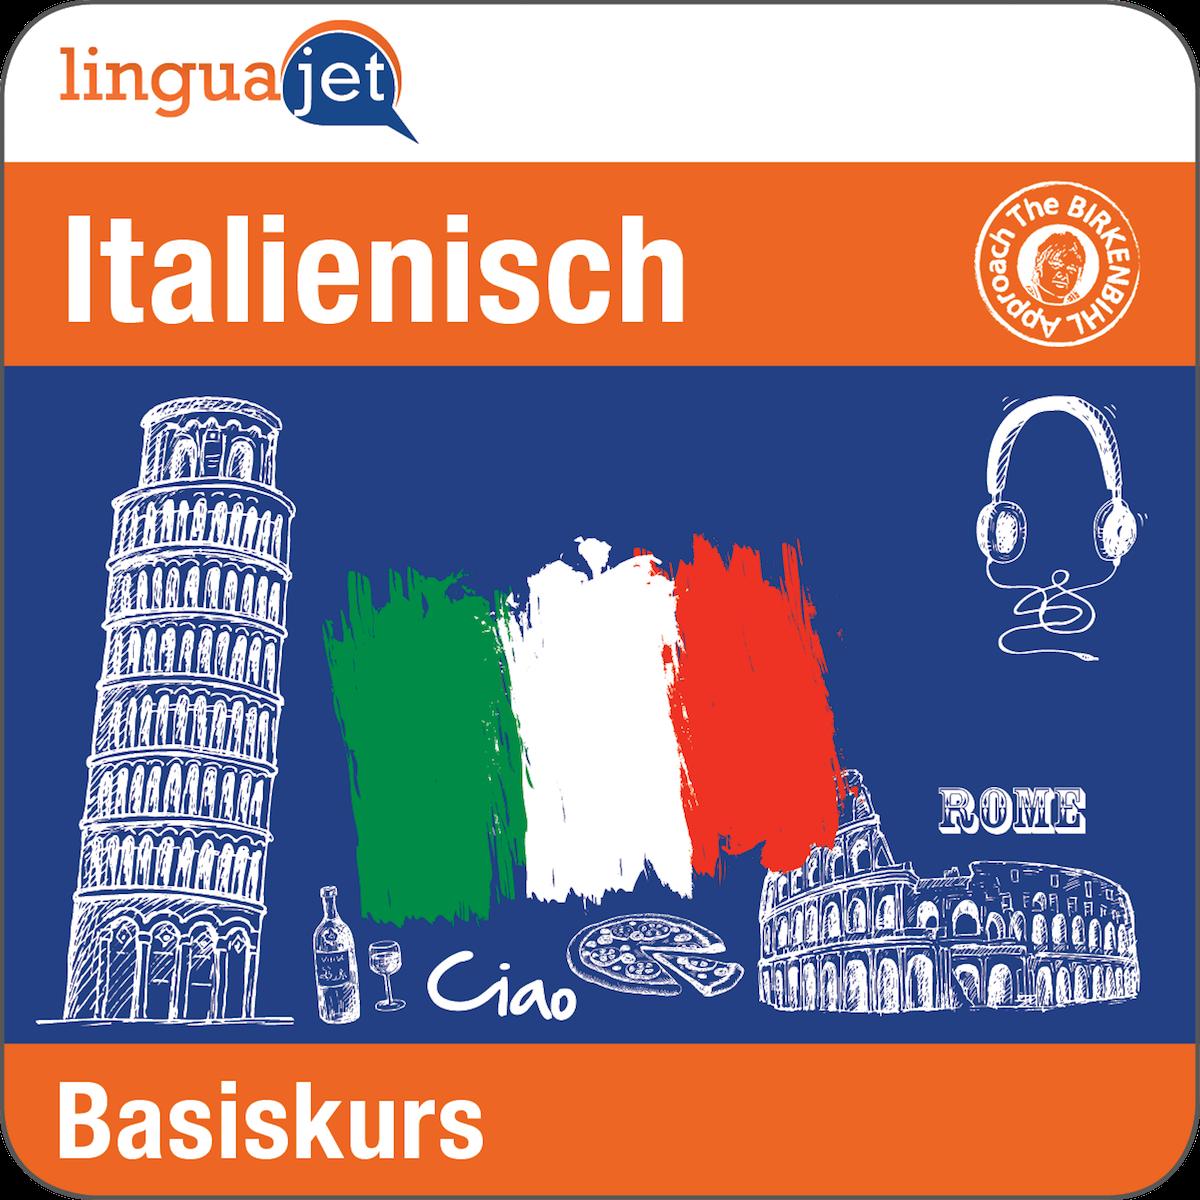 Mit dem online Italienischkurs «Basis» lernen Sie sich grundlegend zu verständigen